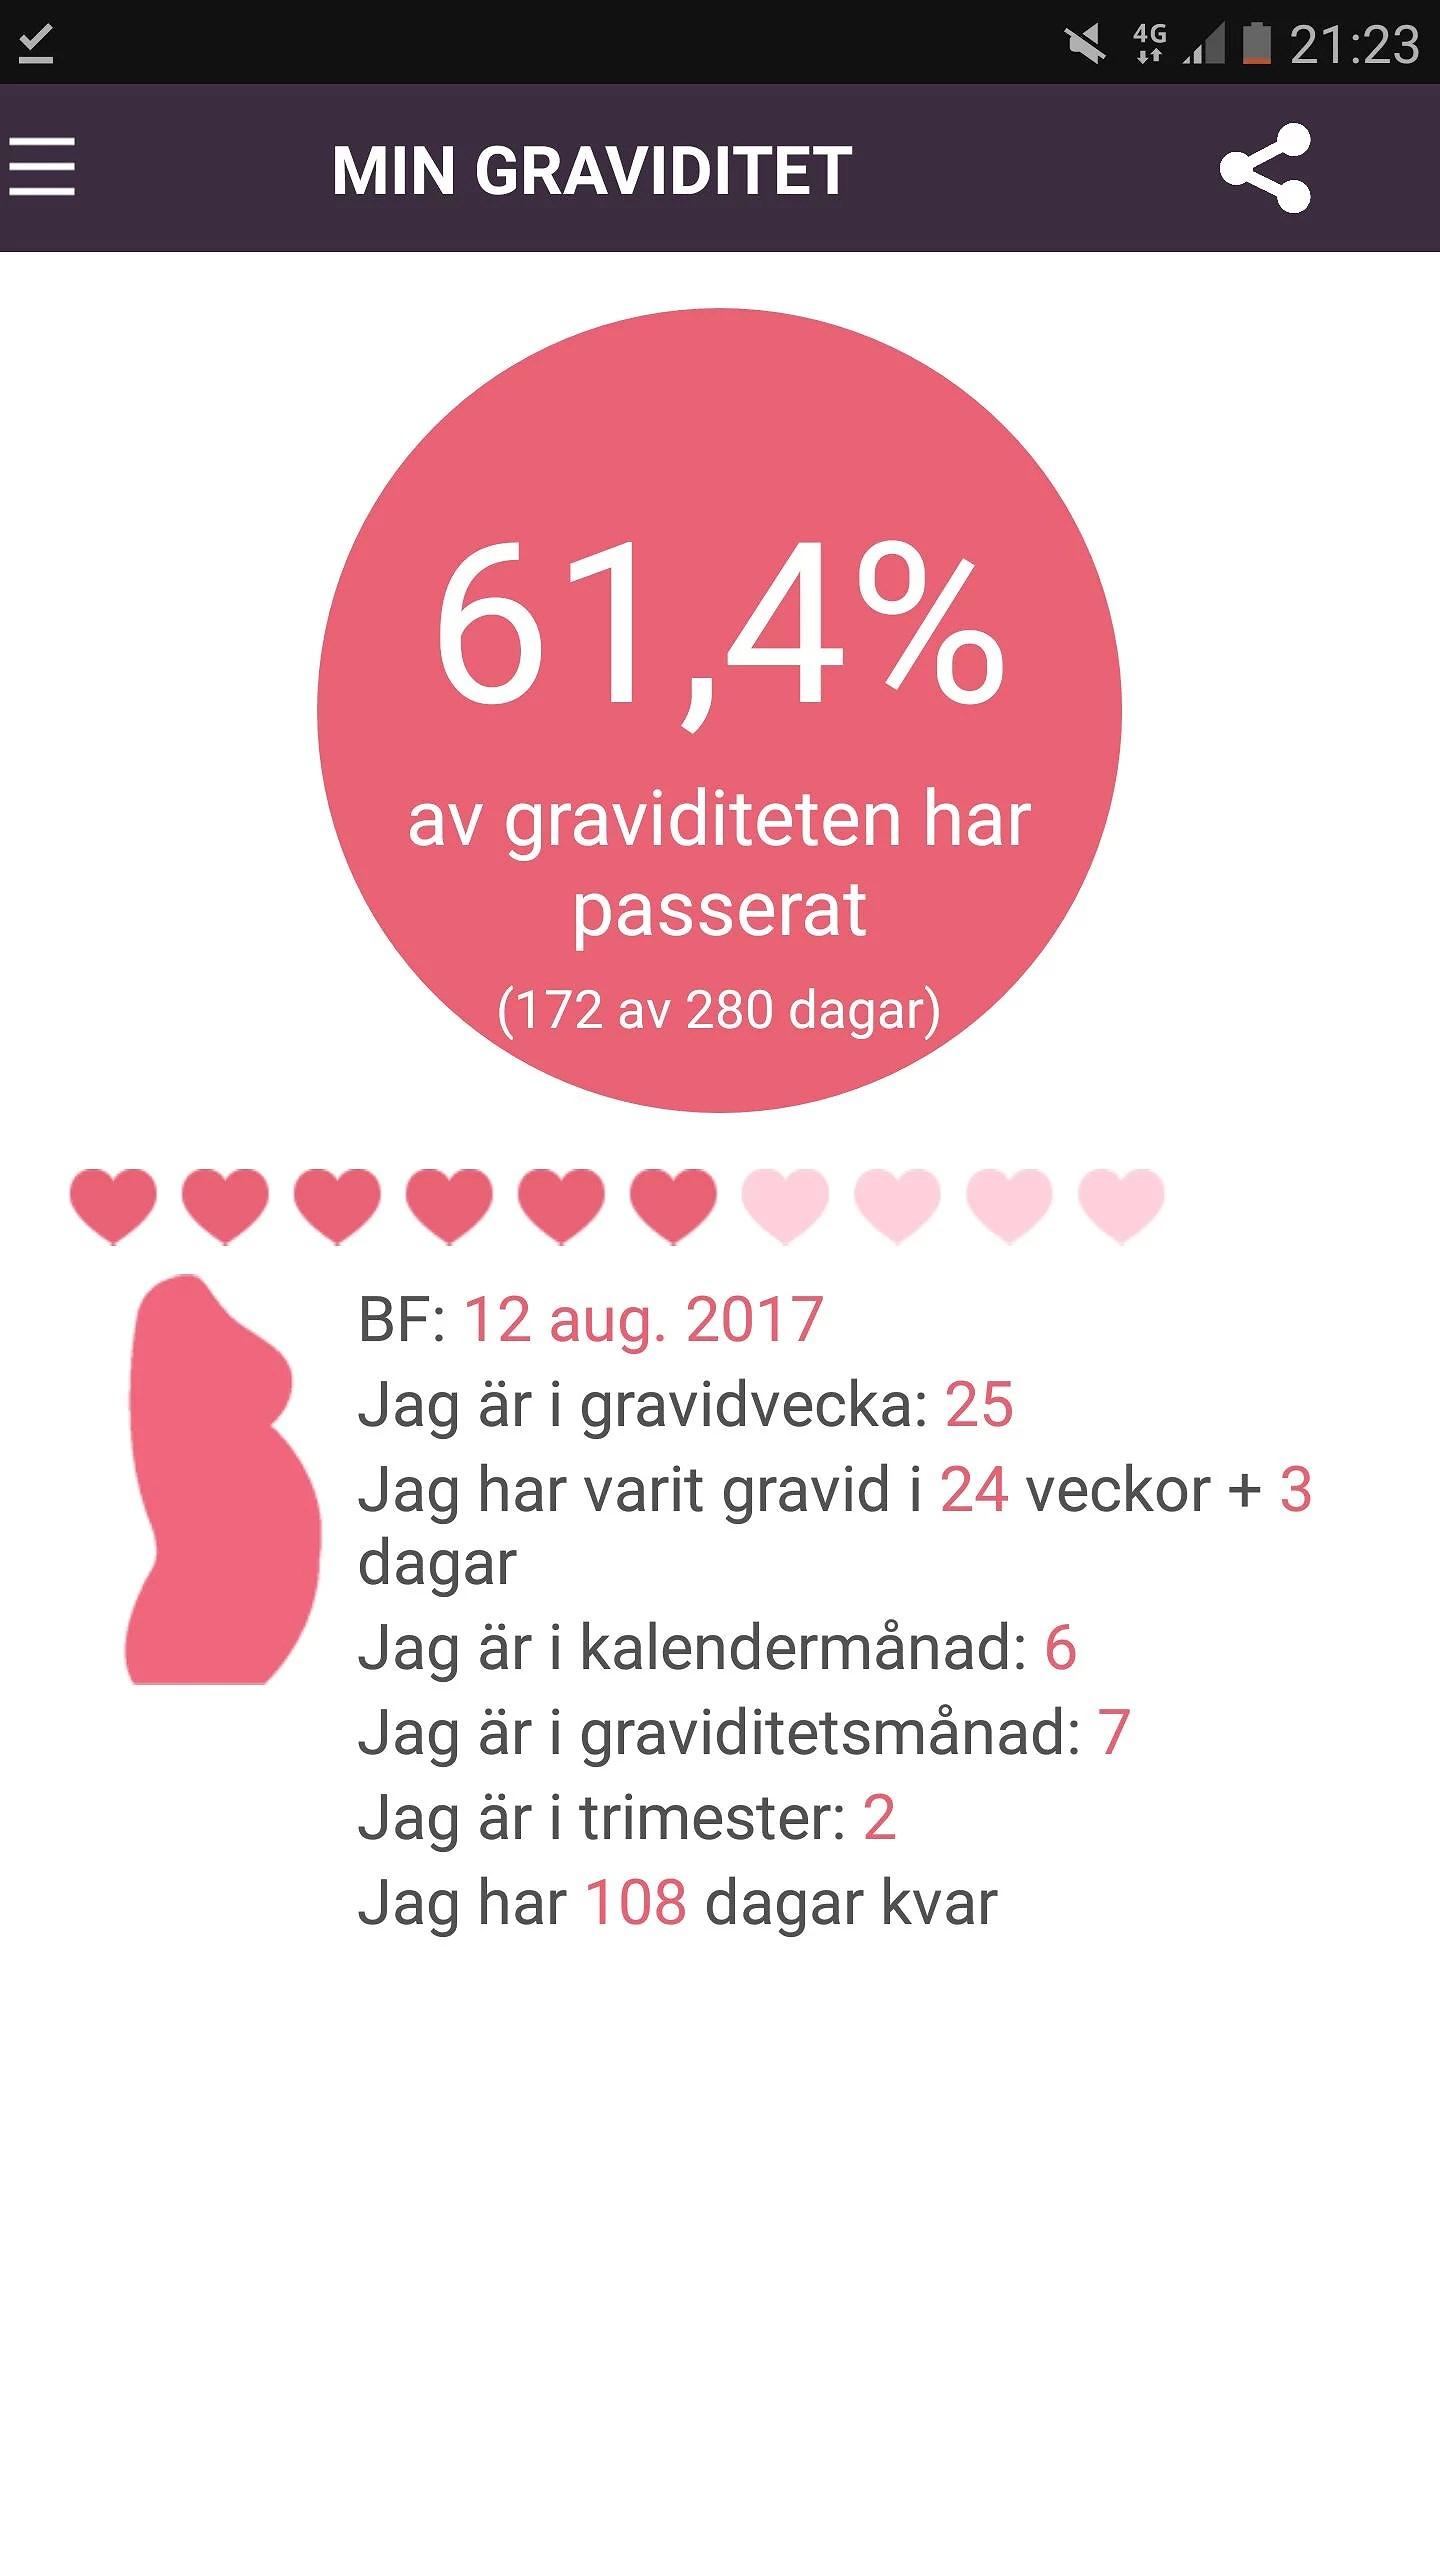 BM 108 dagar kvar till BF